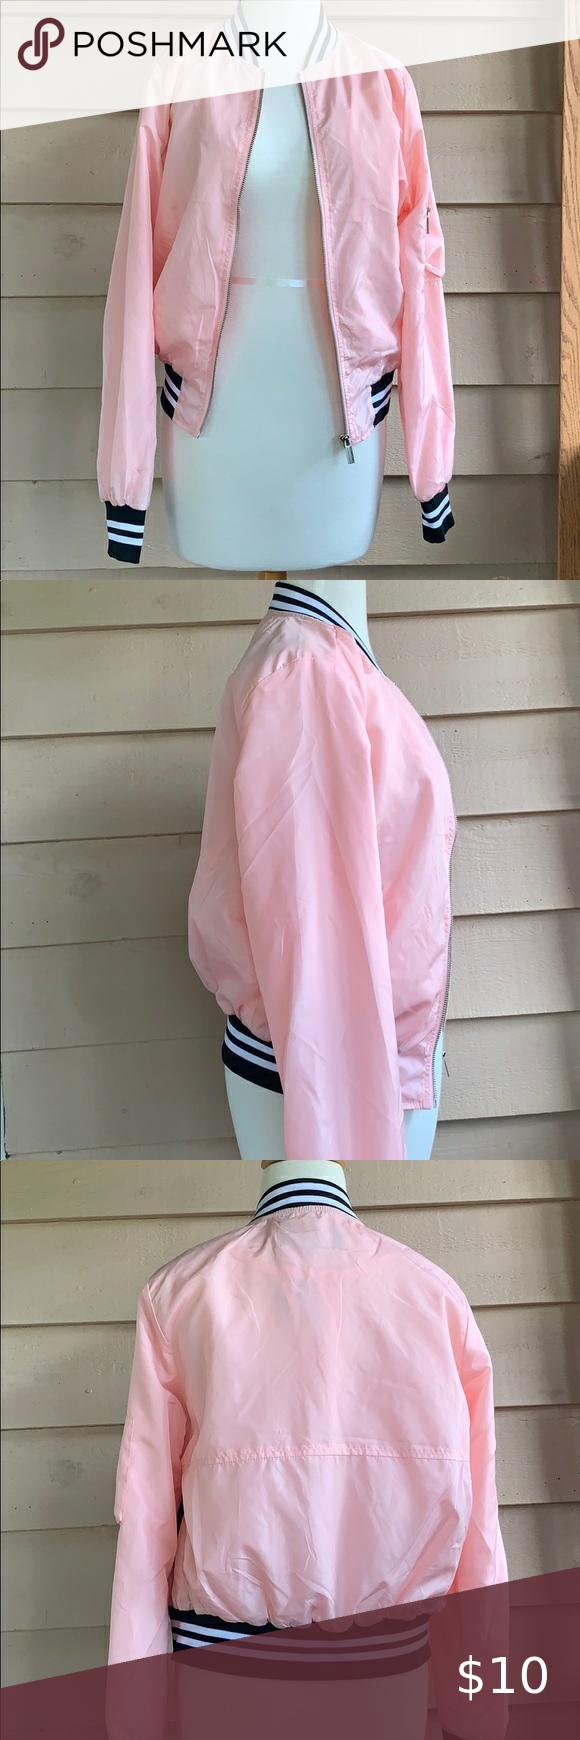 Ambiance Bomber Jacket Pink Pink Bomber Jacket Bomber Jacket Jackets [ 1740 x 580 Pixel ]